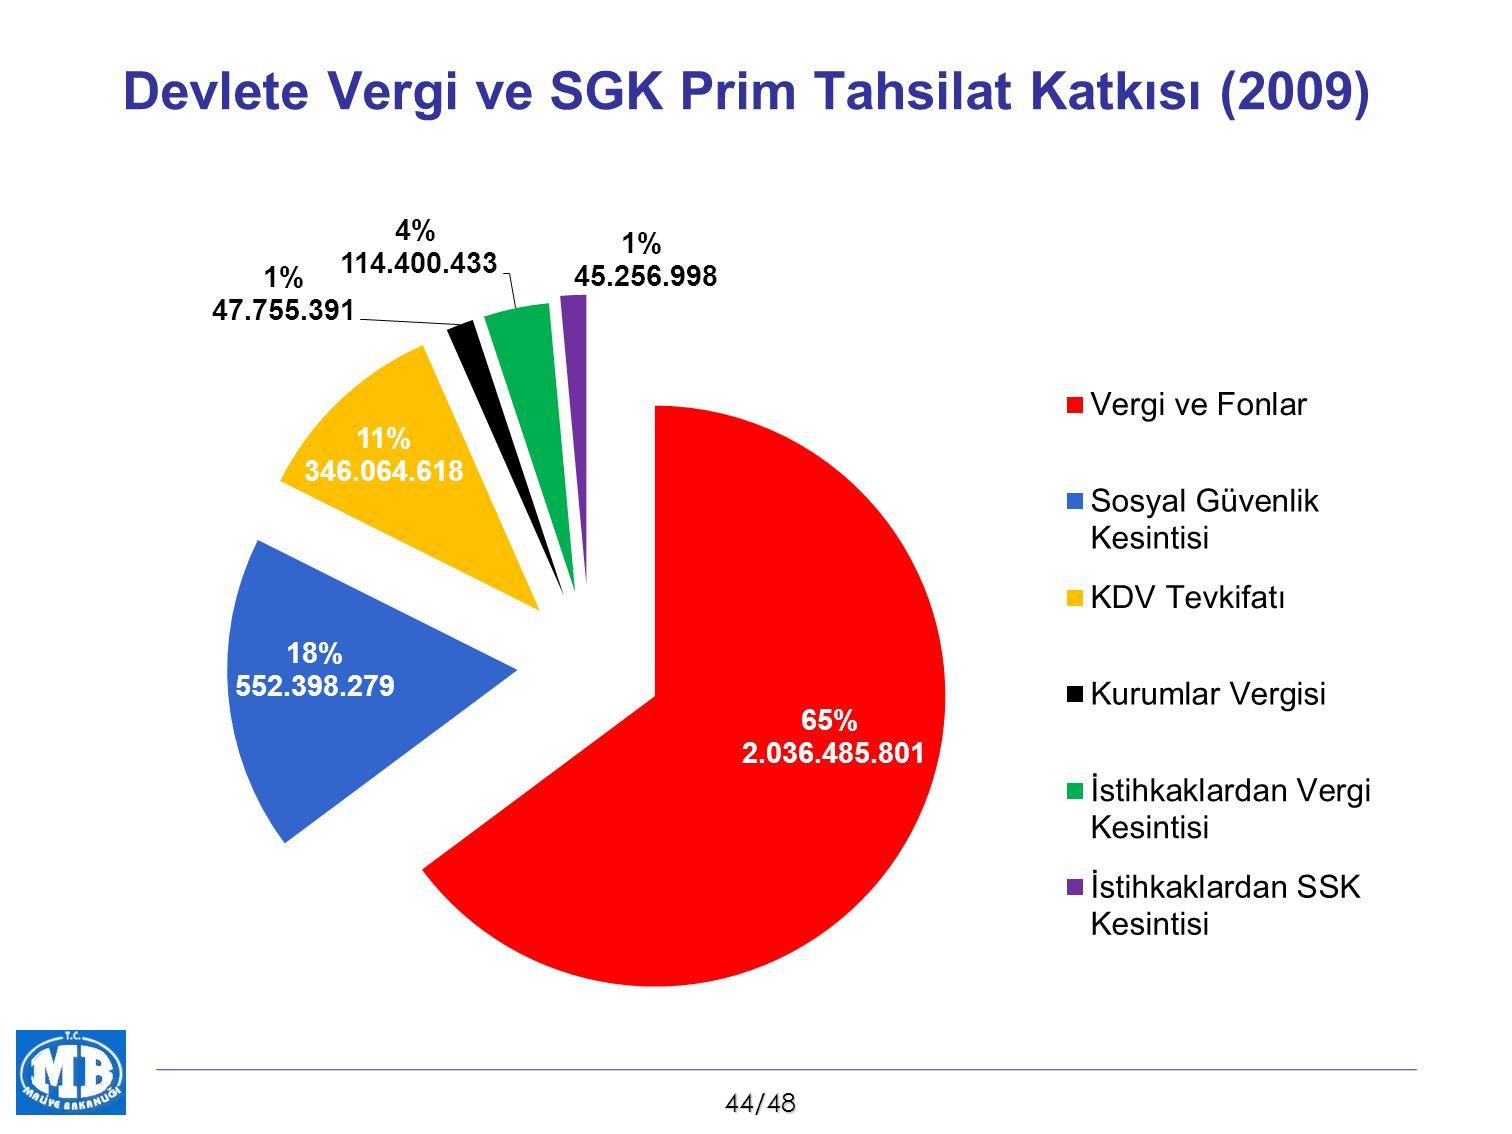 Devlete Vergi ve SGK Prim Tahsilat Katkısı (2009)